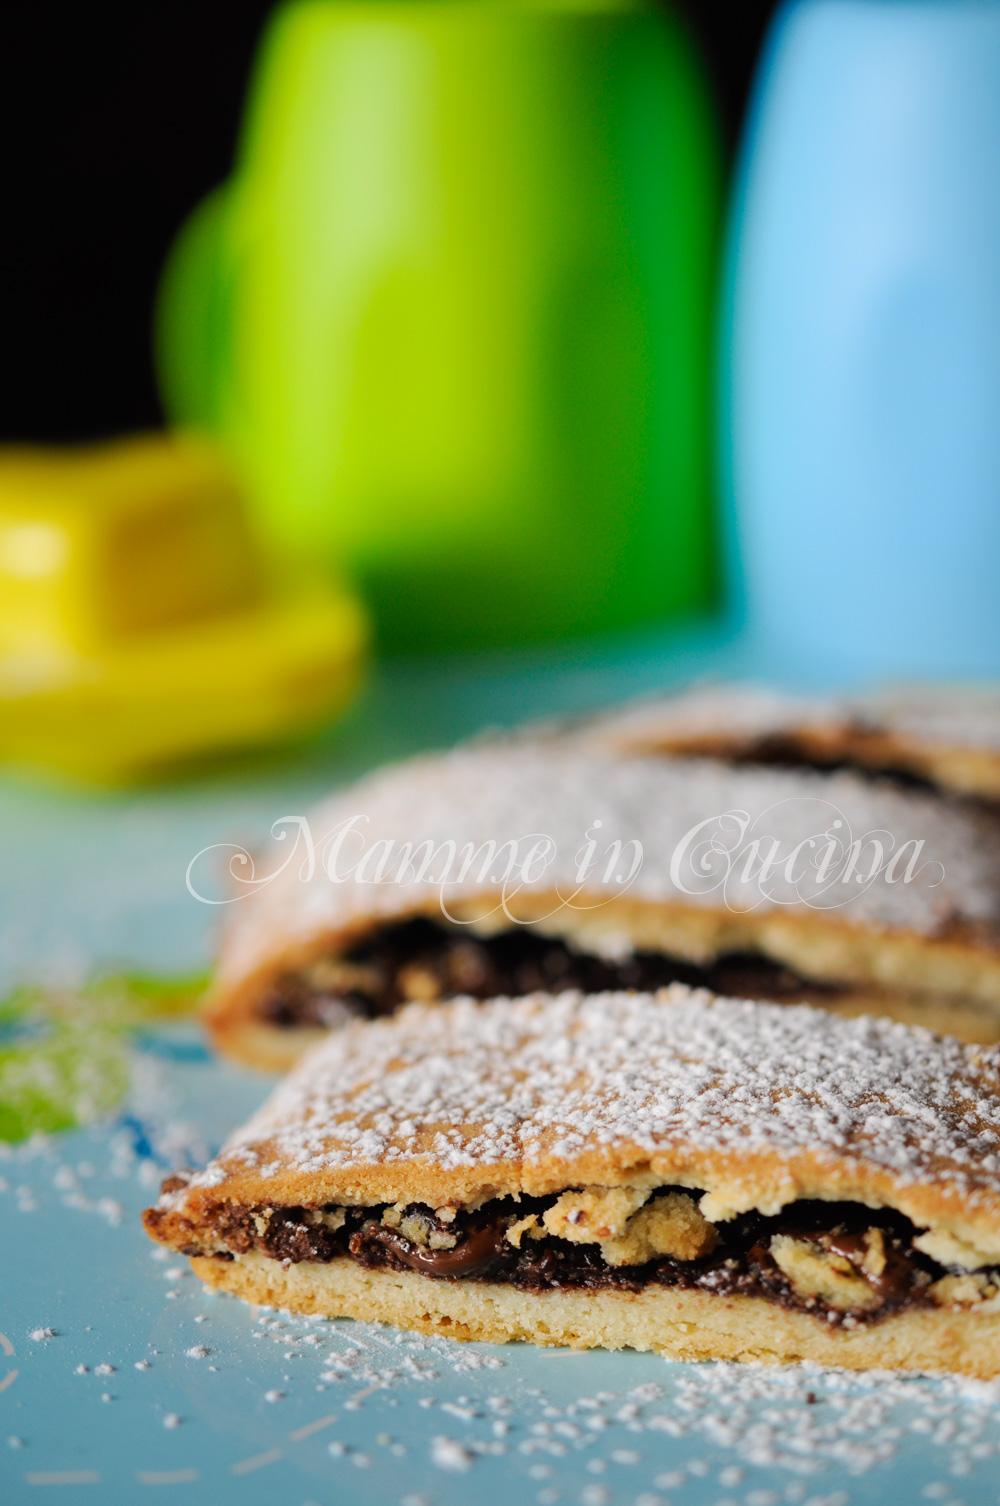 Torta di frolla ripiena al cioccolato veloce mamme in cucina